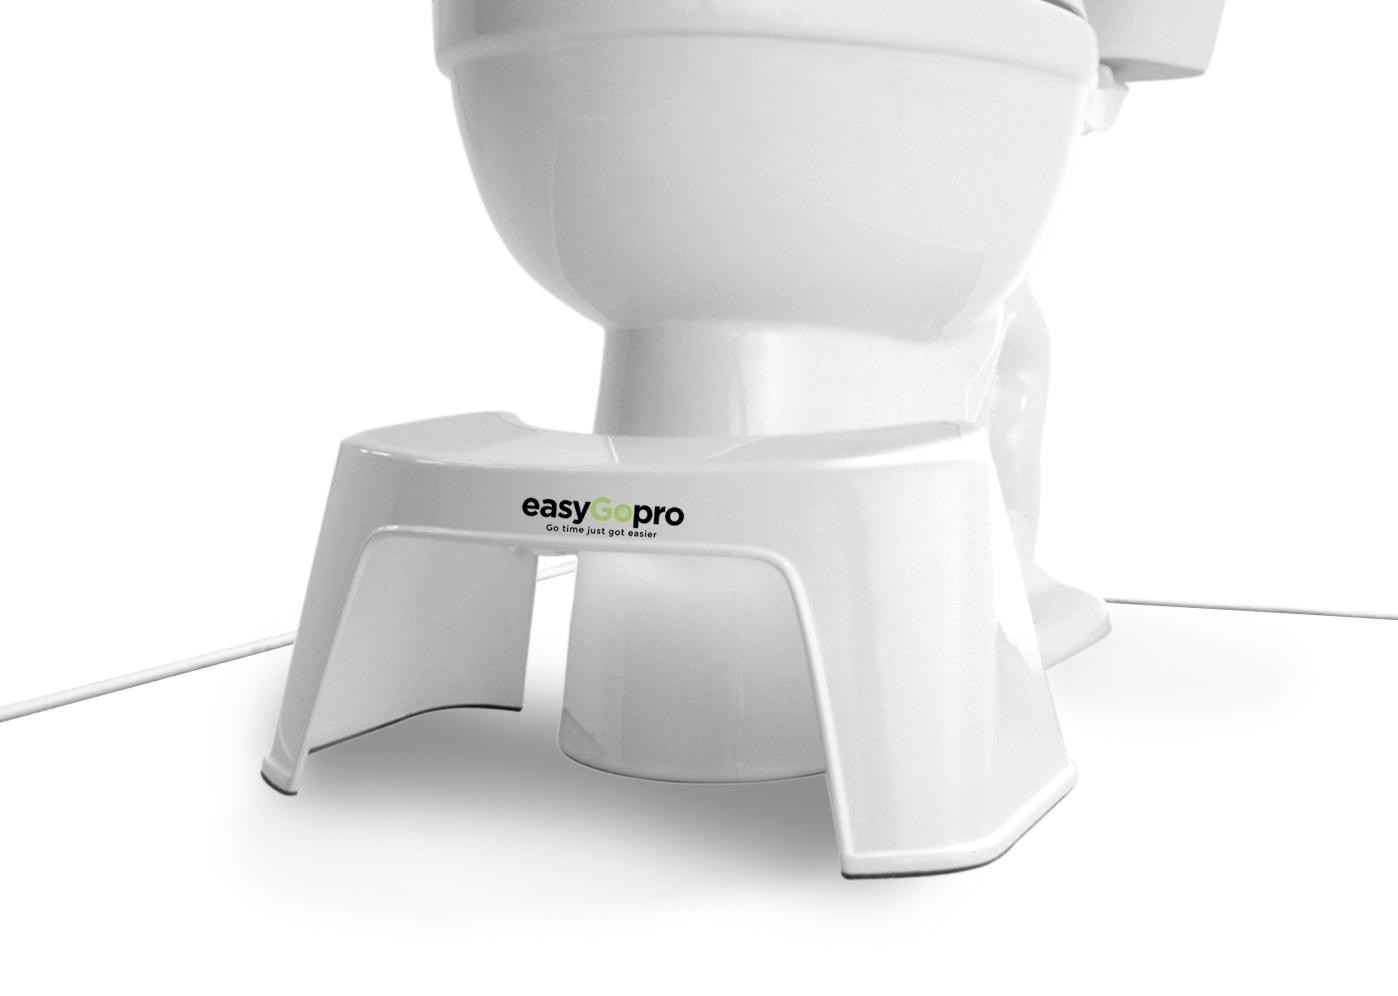 http://www.joyfulbelly.com/catalog/images/1027-Easy-Go-Pro-Toilet-Stool.jpg